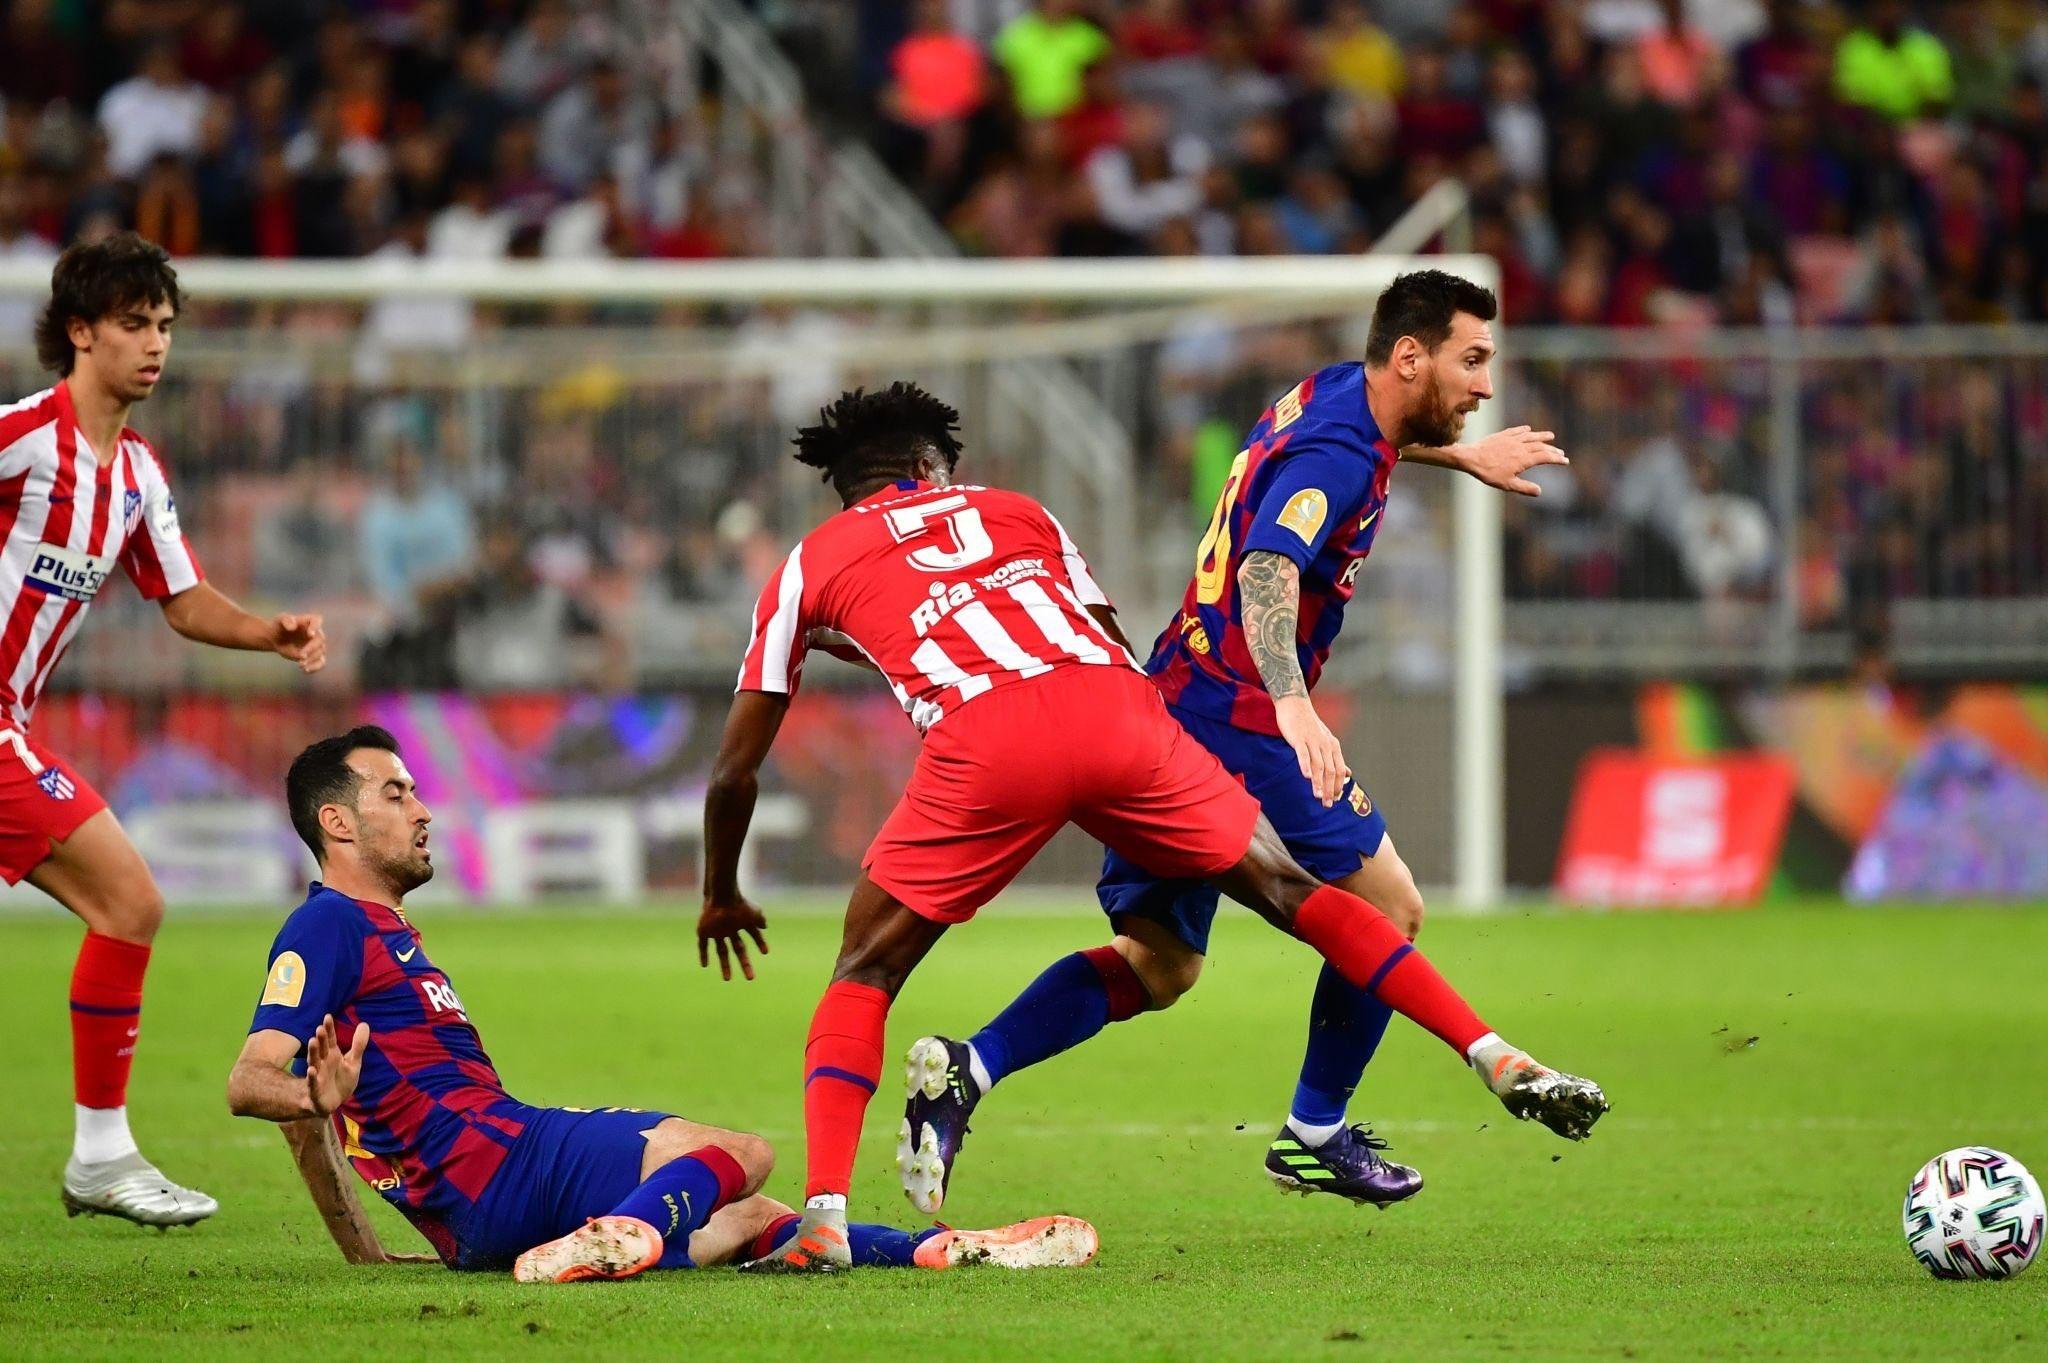 Суперкубок Іспанії. Барселона - Атлетико 2:3. Ті, що заблукали і на полі - изображение 2